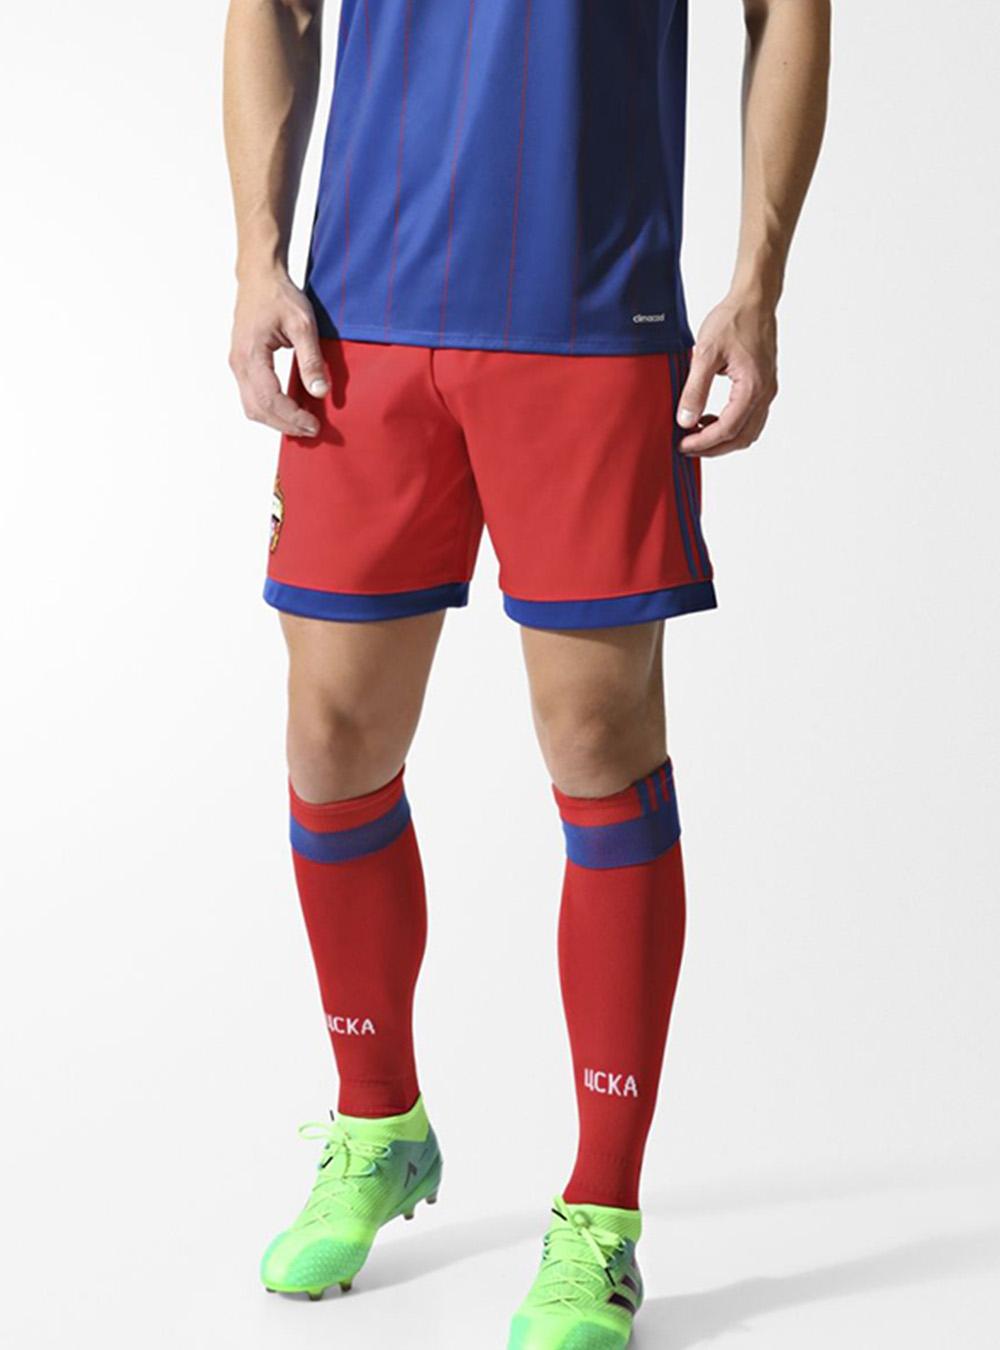 Игровые шорты домашние (оригинал), цвет красный (S)Игровая форма 2017/2018<br>Игровые шорты домашние (оригинал), цвет красный<br>